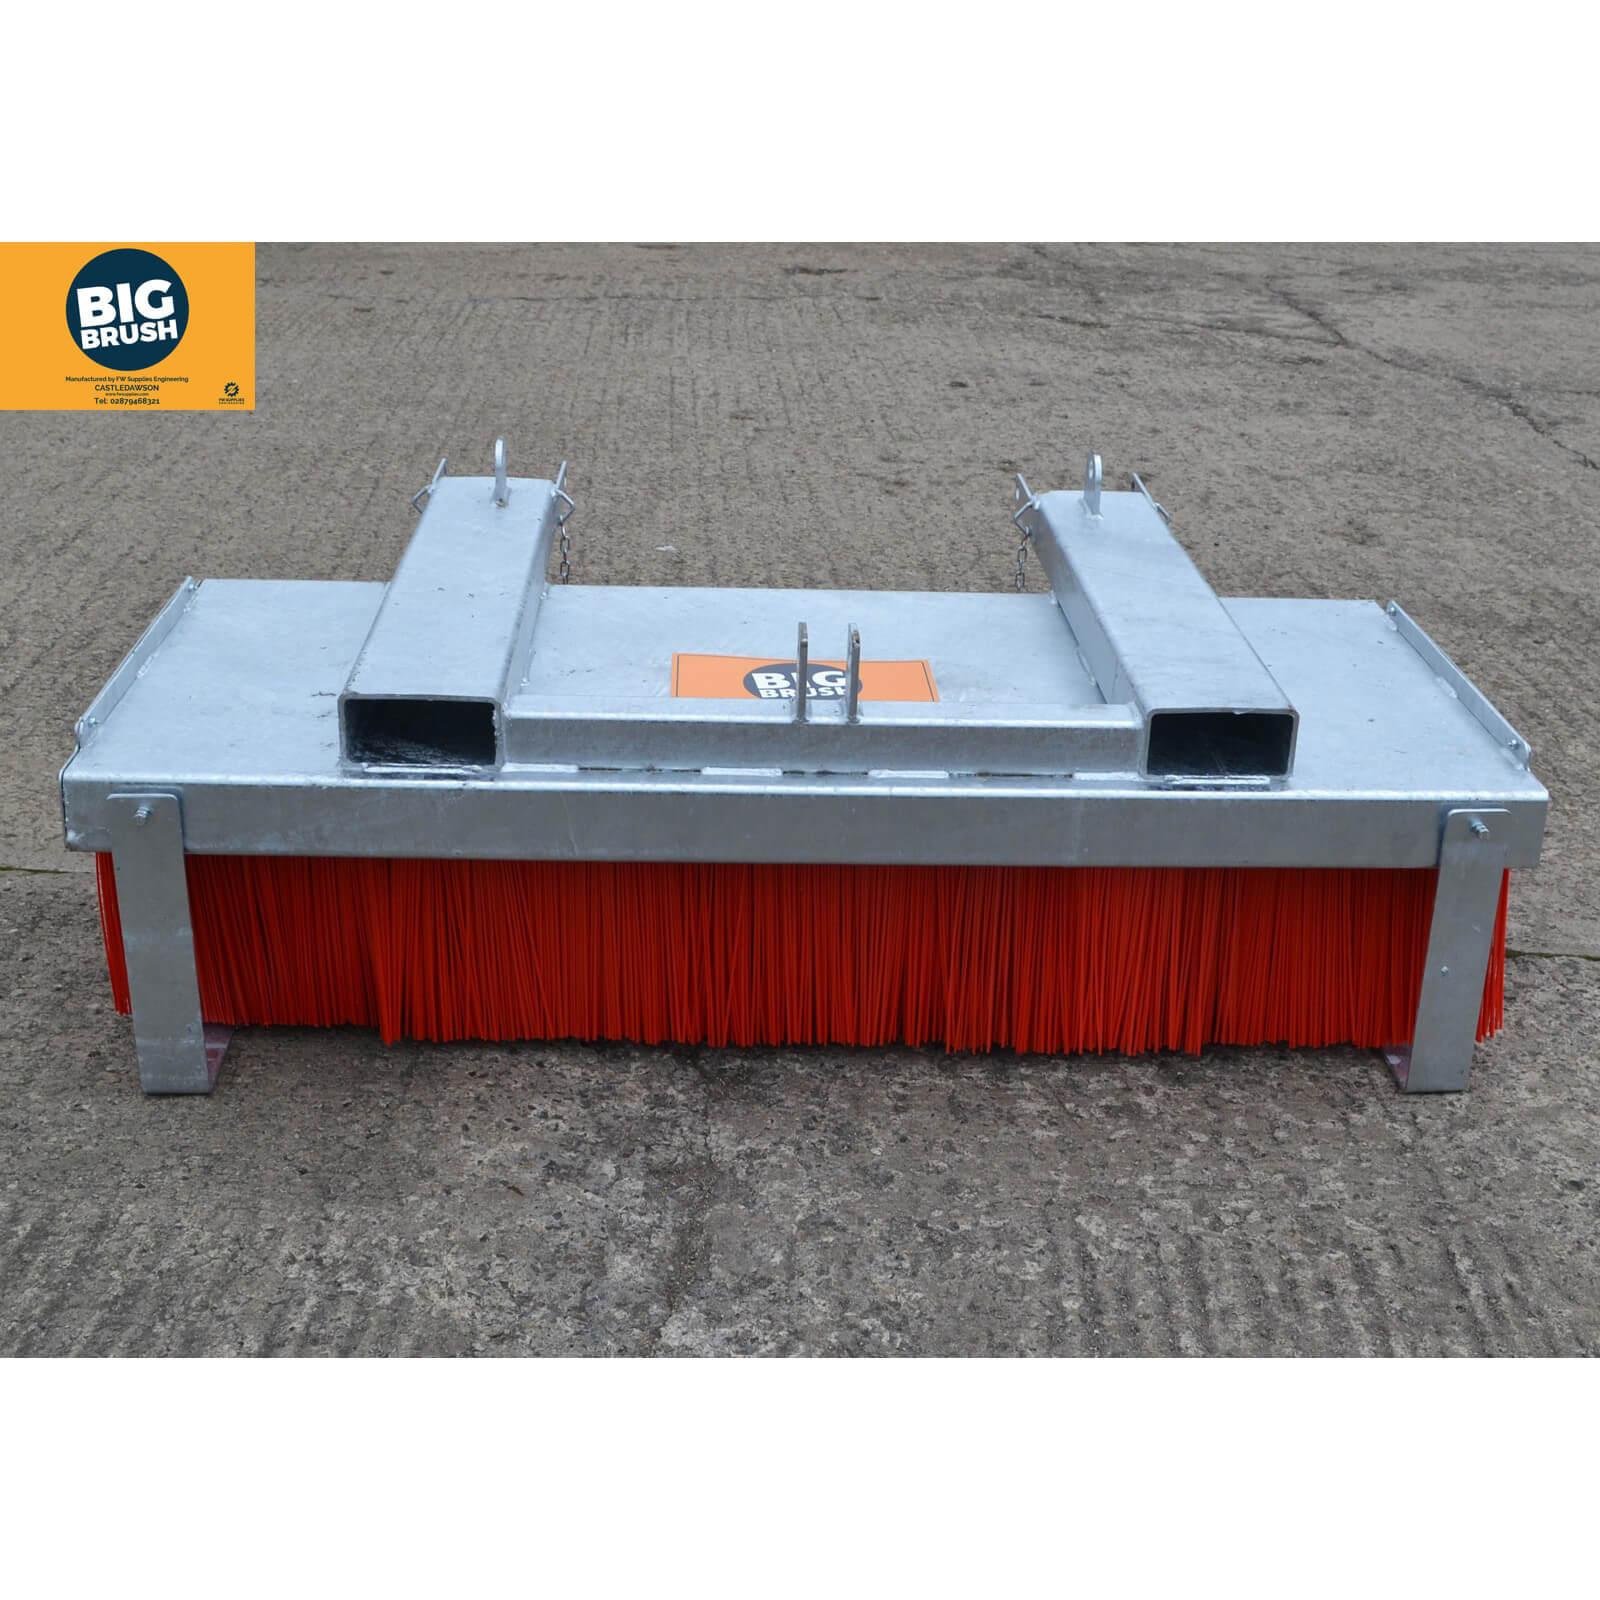 BB-Forklift-Brush-Galvanised-1500mm